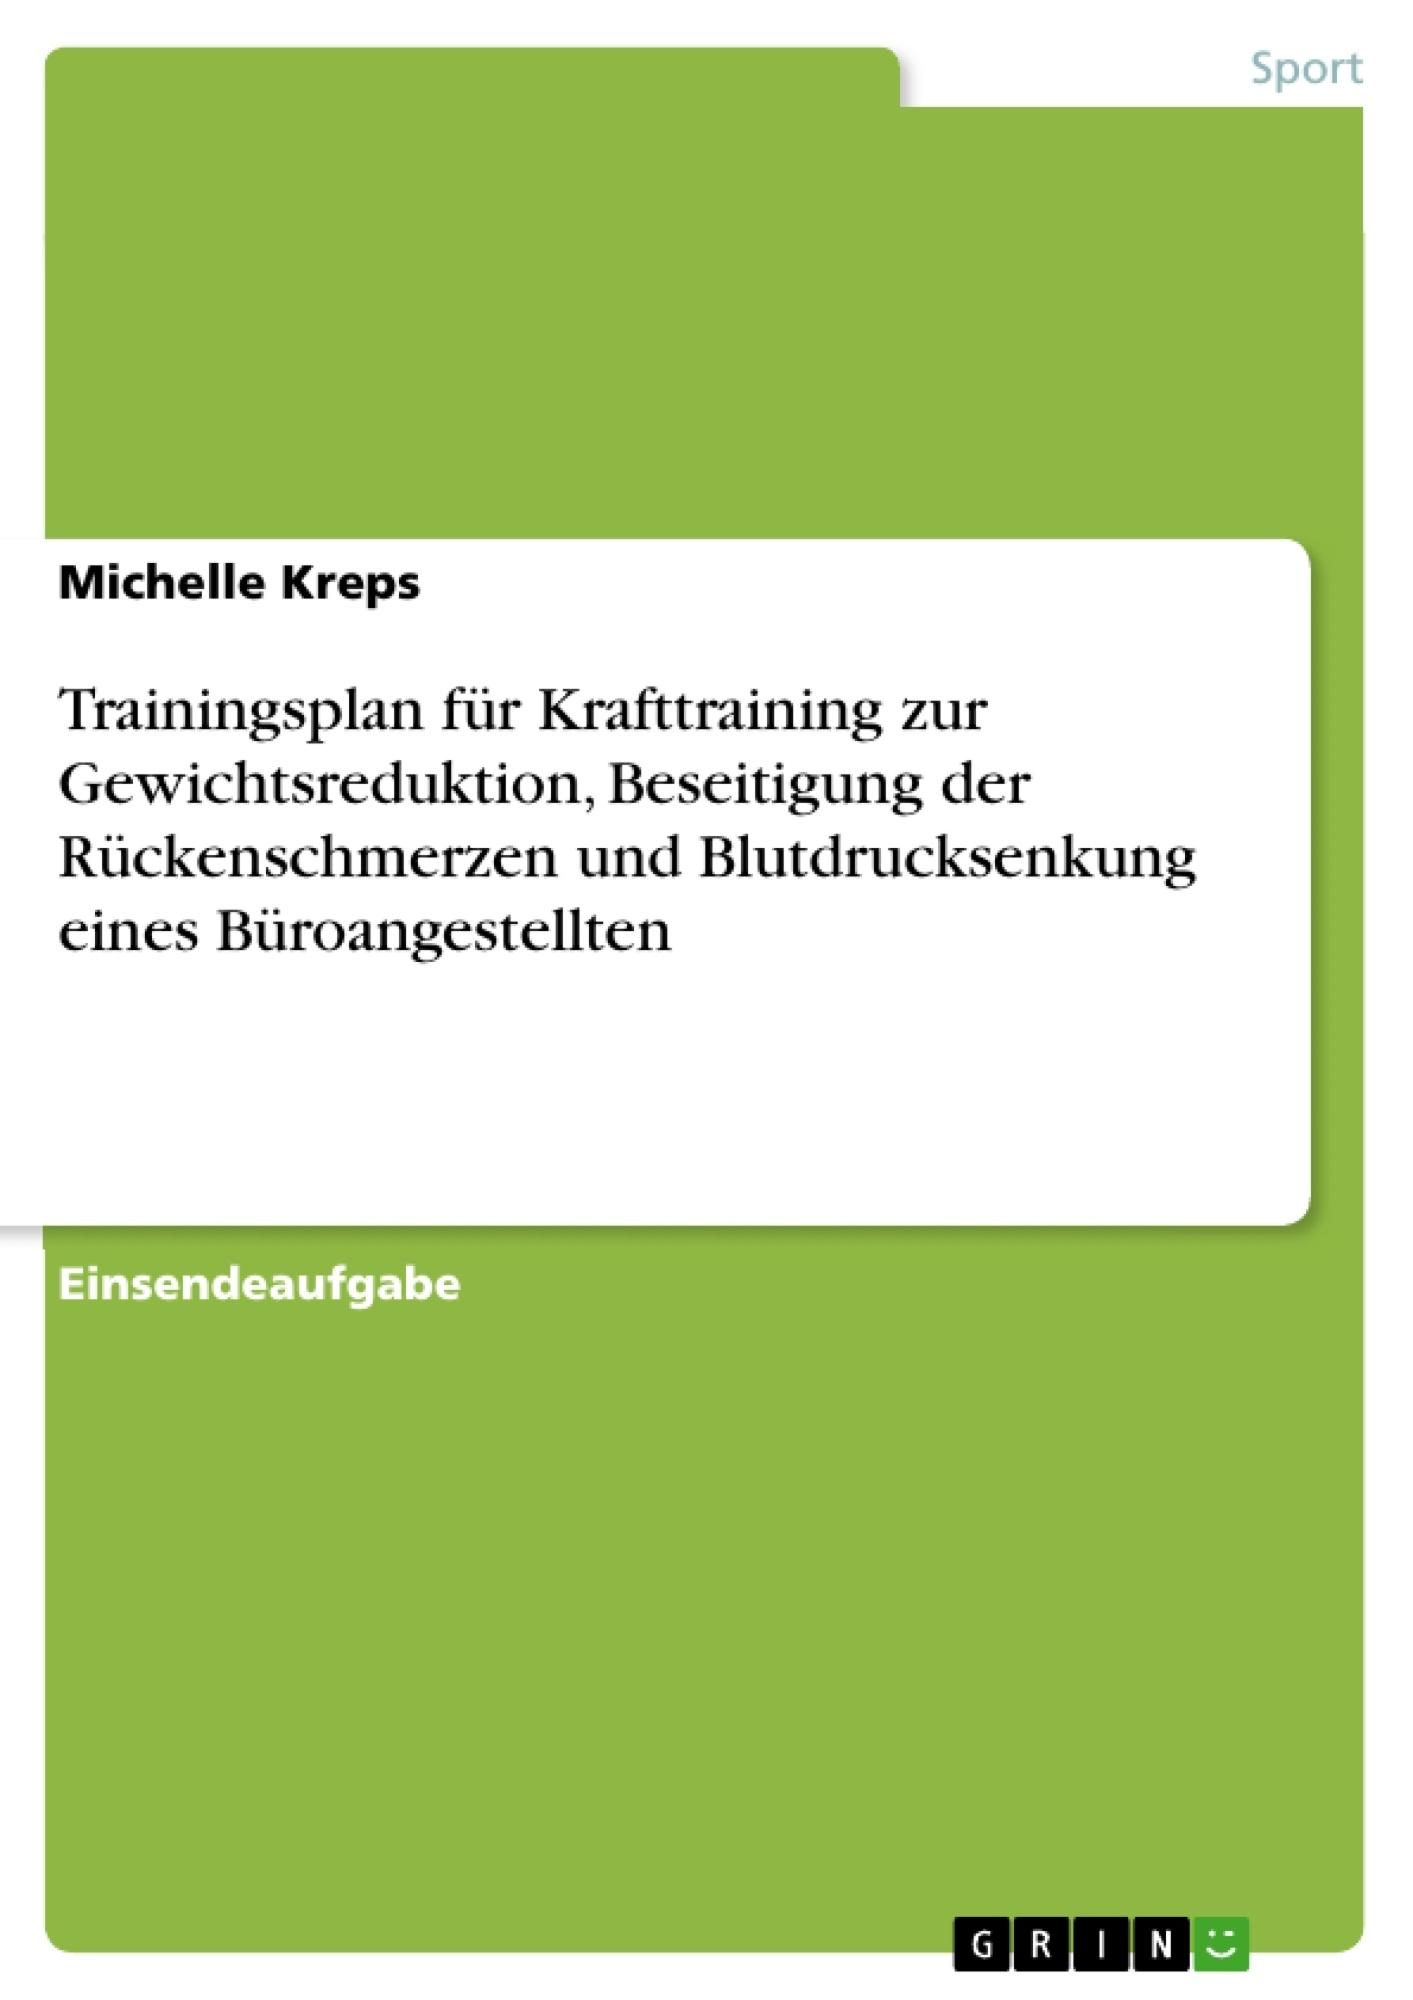 Titel: Trainingsplan für Krafttraining zur Gewichtsreduktion, Beseitigung der Rückenschmerzen und Blutdrucksenkung eines Büroangestellten